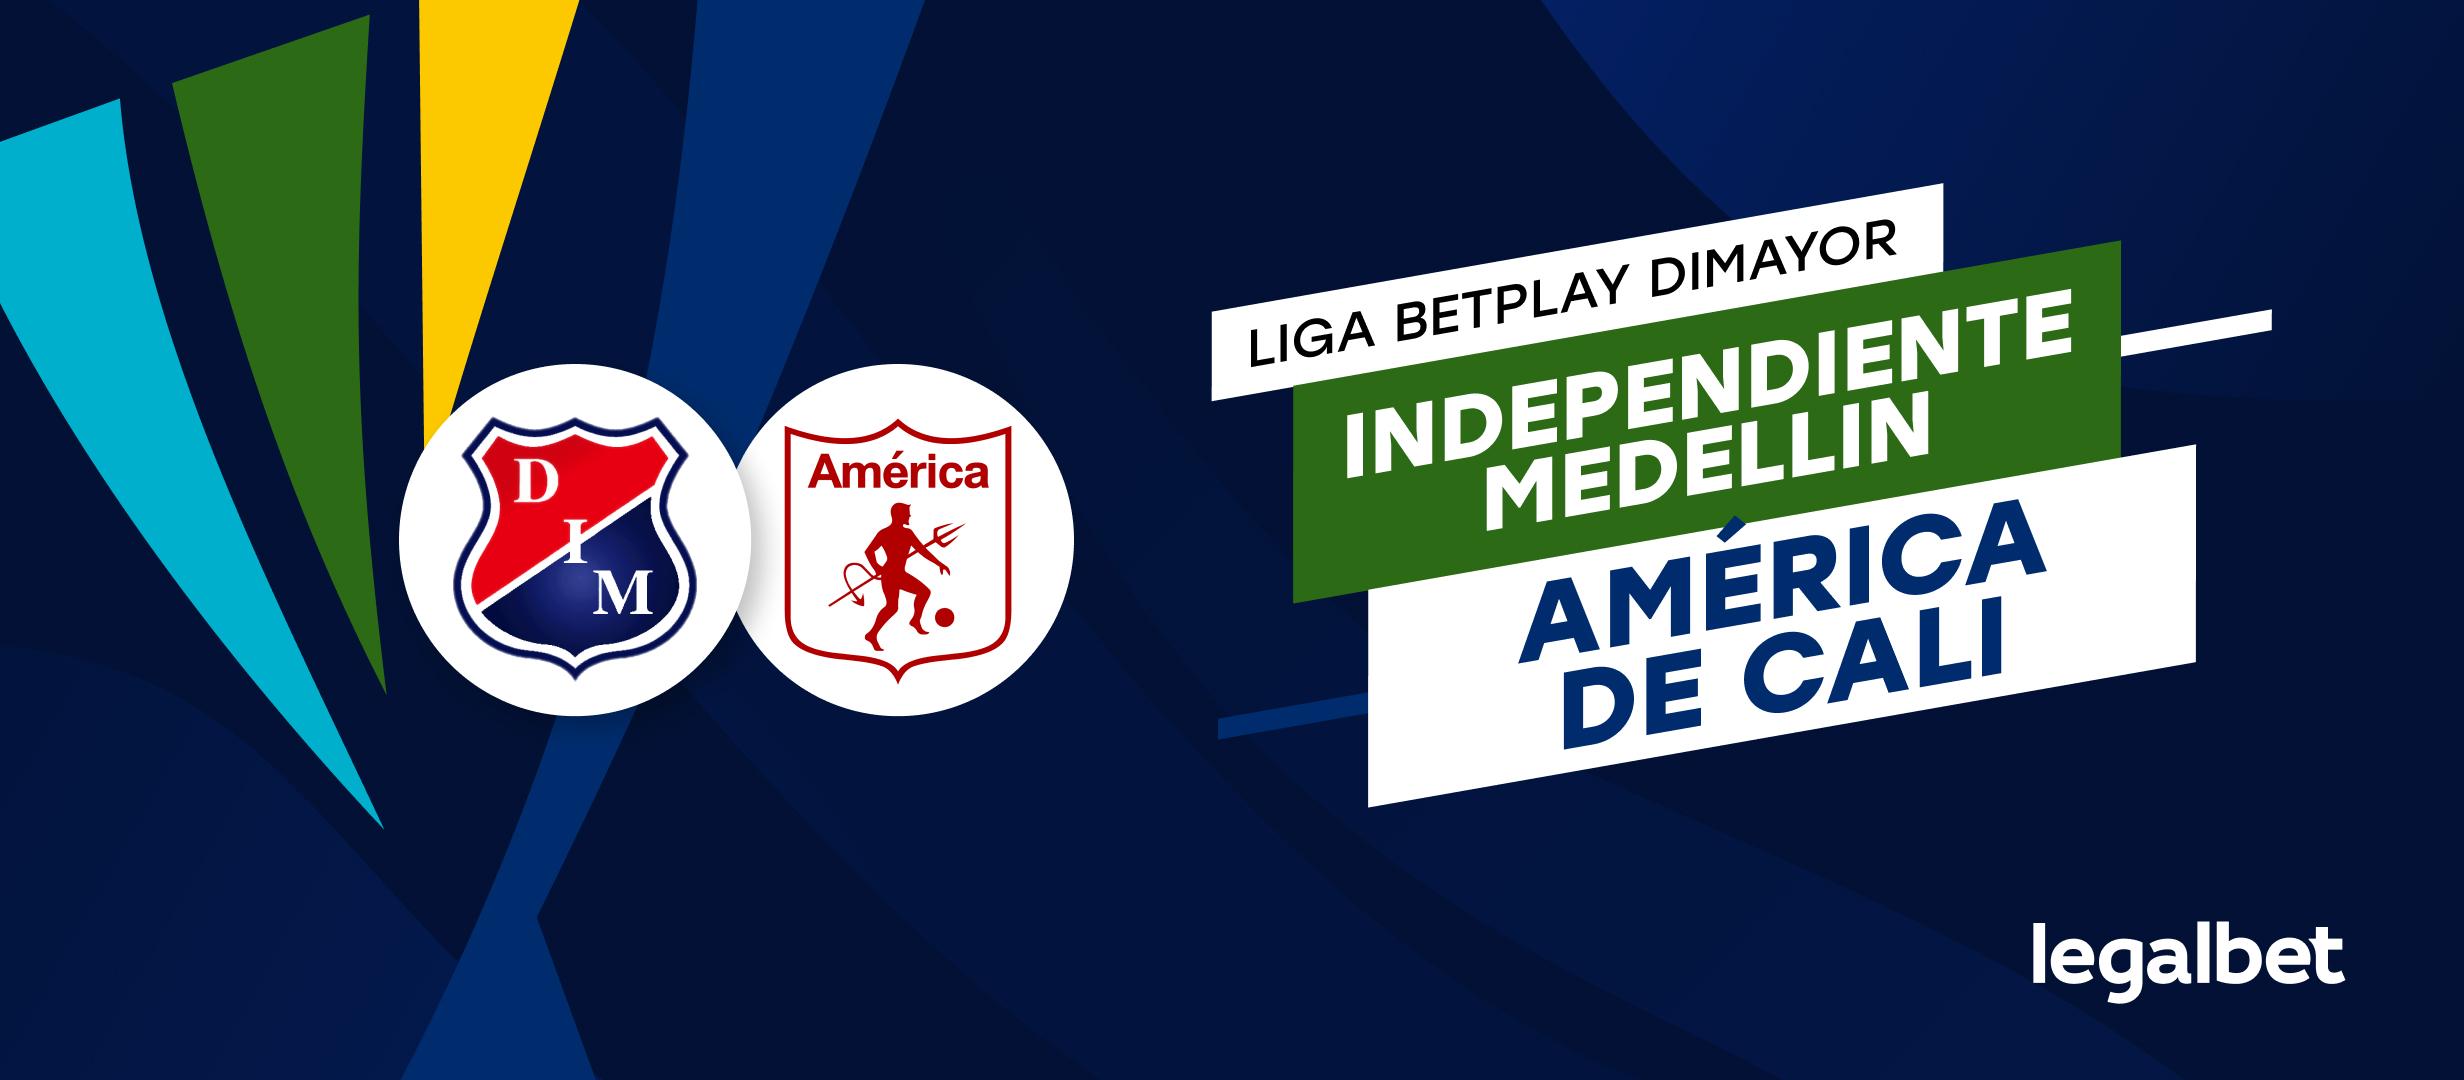 Previa y Análisis DIM - América de Cali, Liga Betplay Dimayor 2021